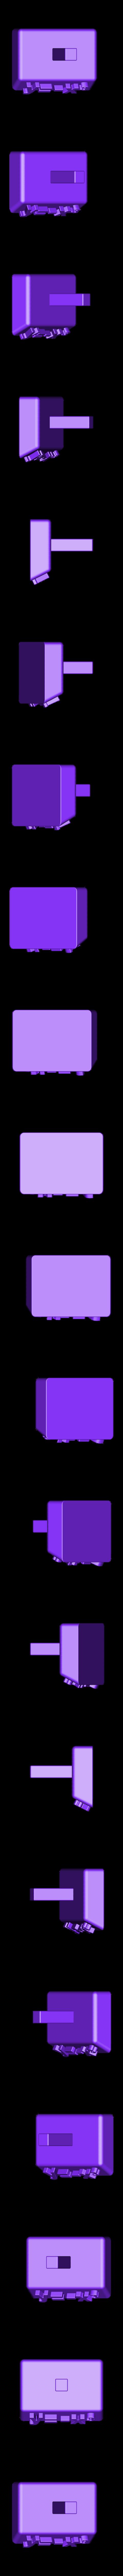 Function_Stickman_y-x³_bottom.stl Télécharger fichier STL gratuit Dancing Function Stickmen • Plan pour impression 3D, Chrisibub